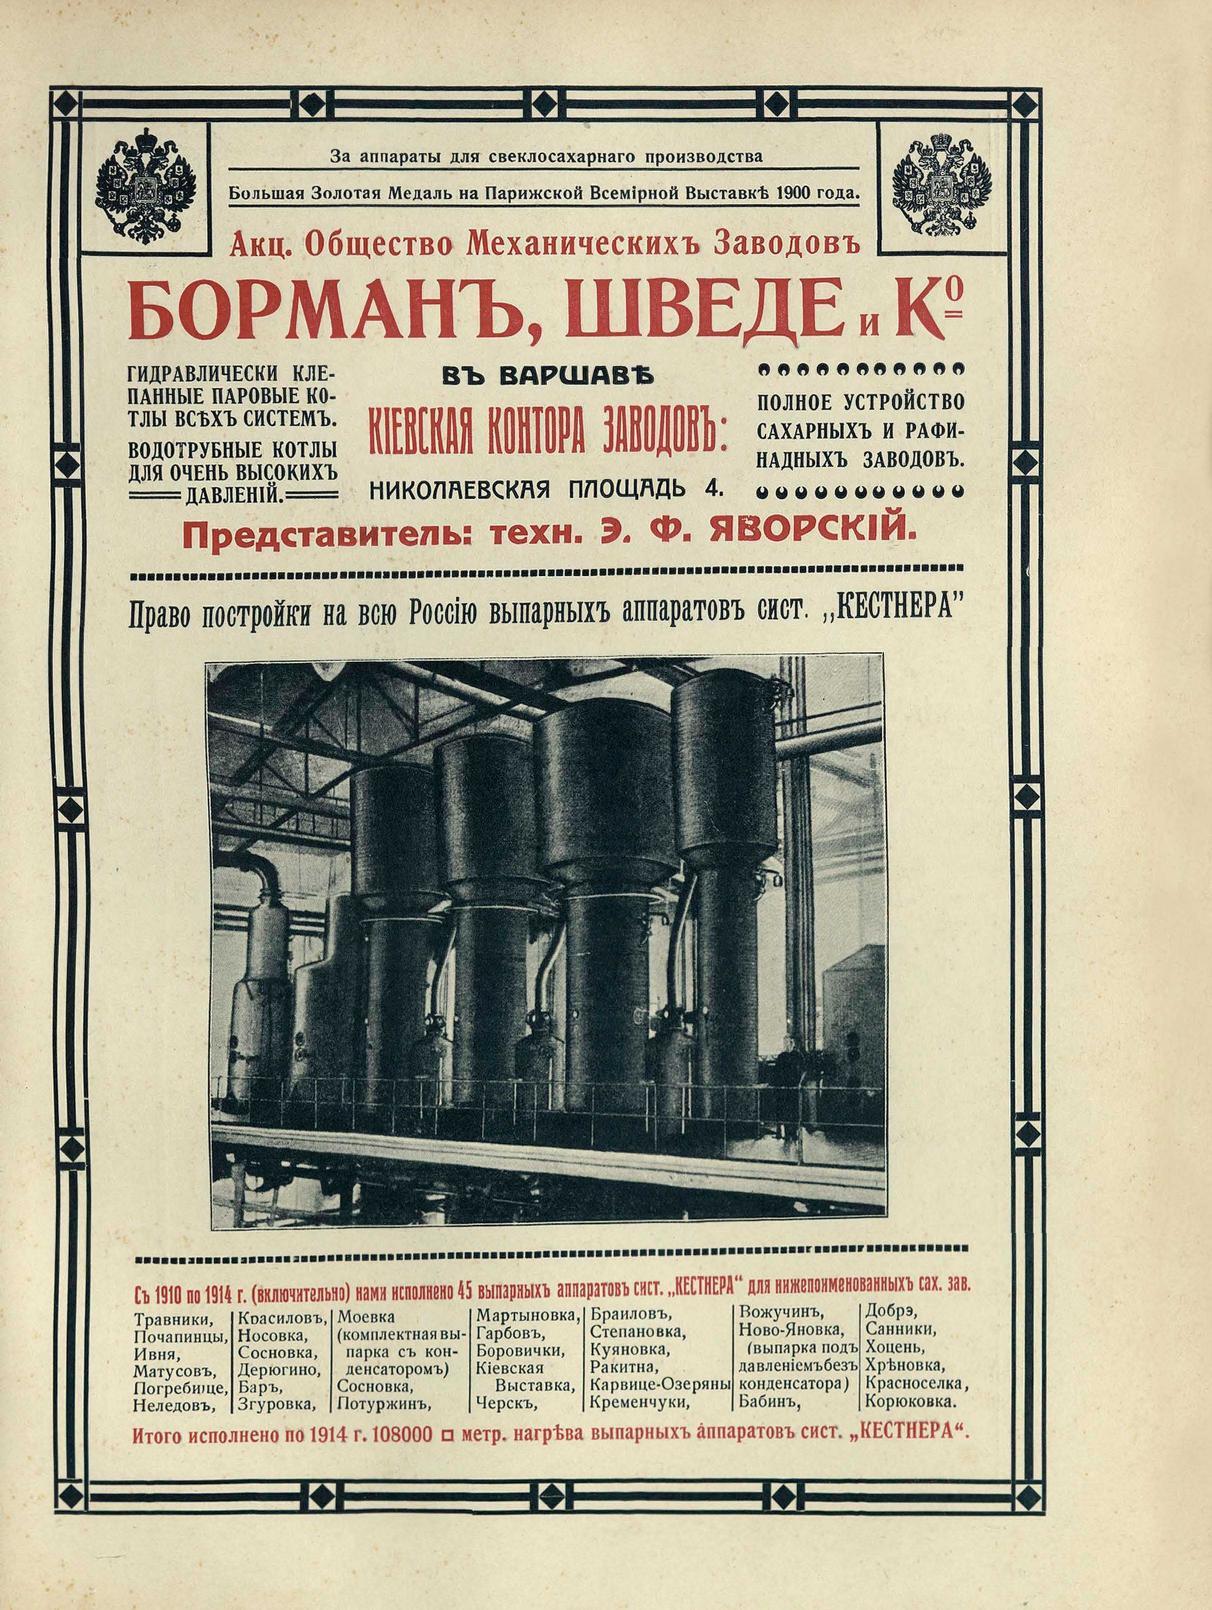 реклама завода Борман, Шведе и Ко